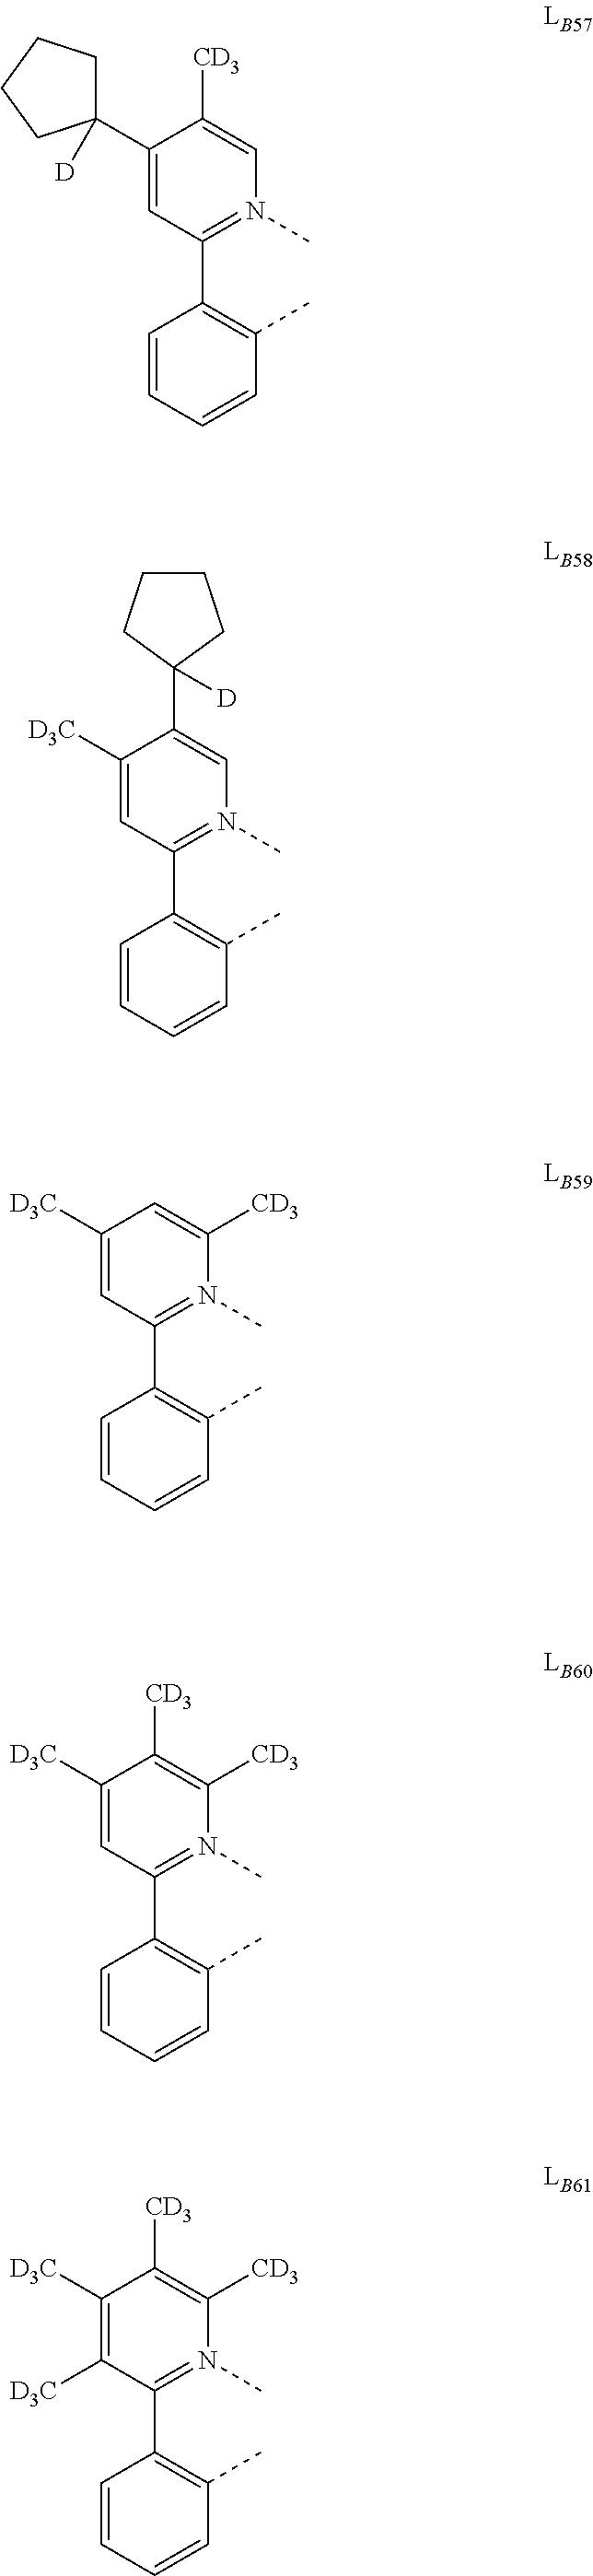 Figure US09929360-20180327-C00048